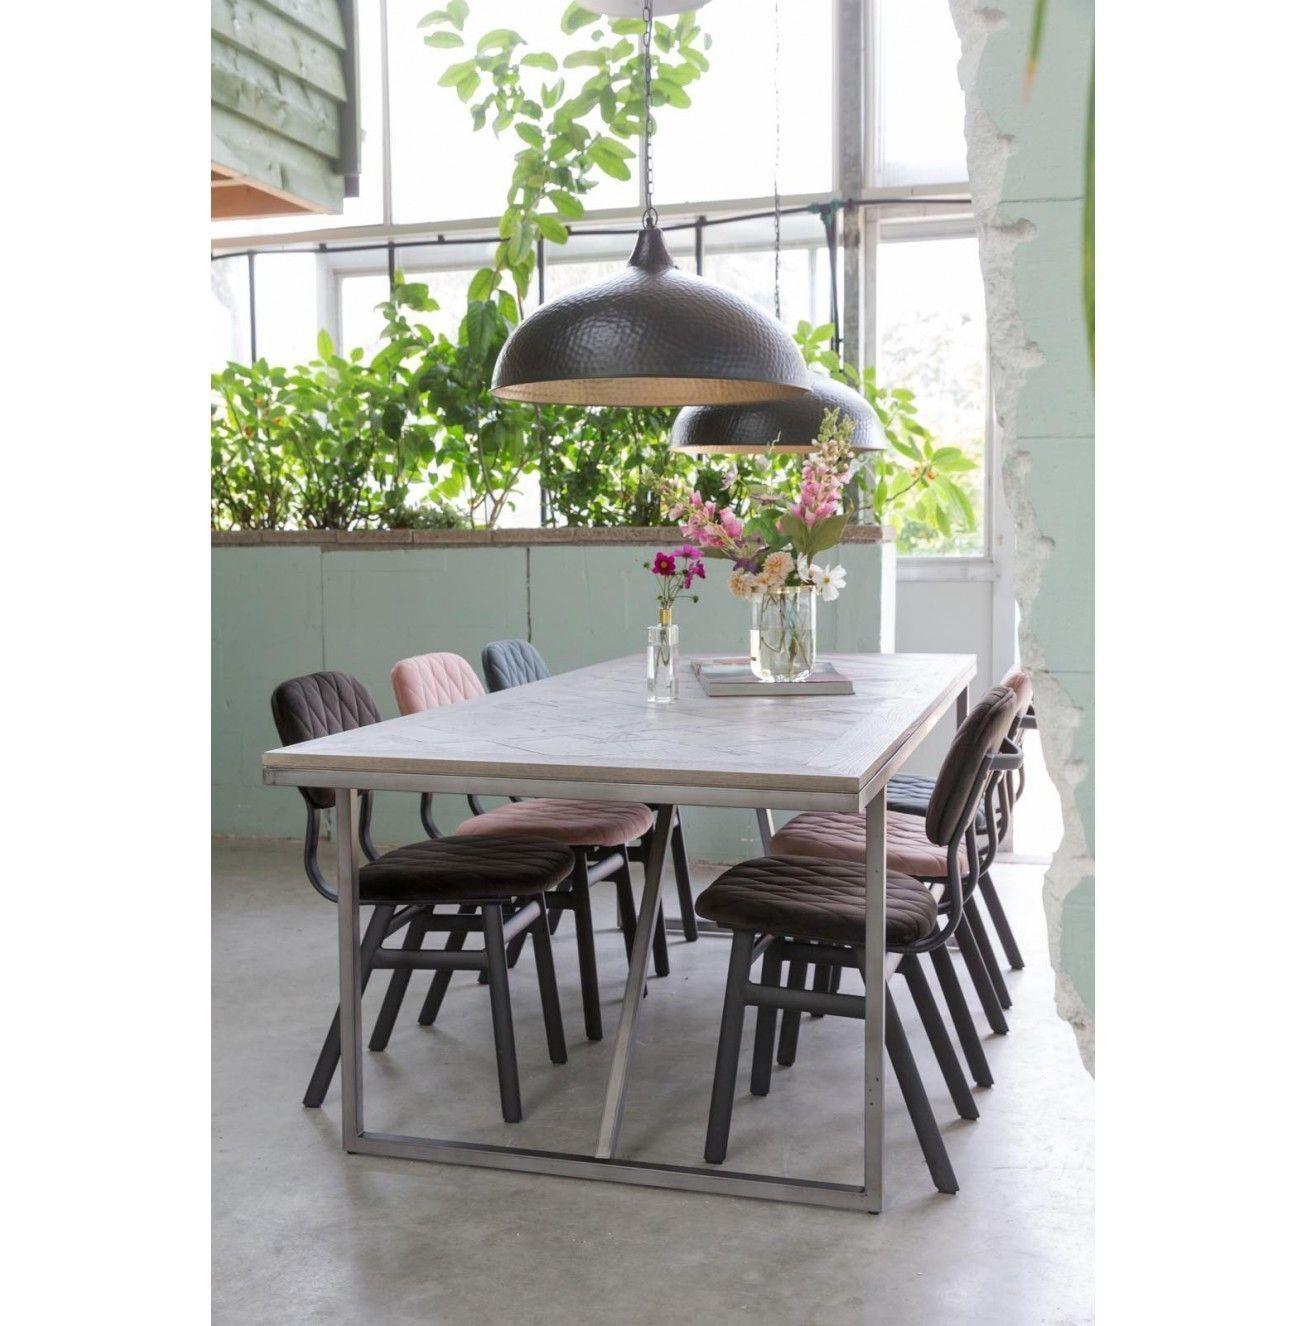 The Maxwell Dining Table 220x100 Cm Tafels Keuken Alles Voor